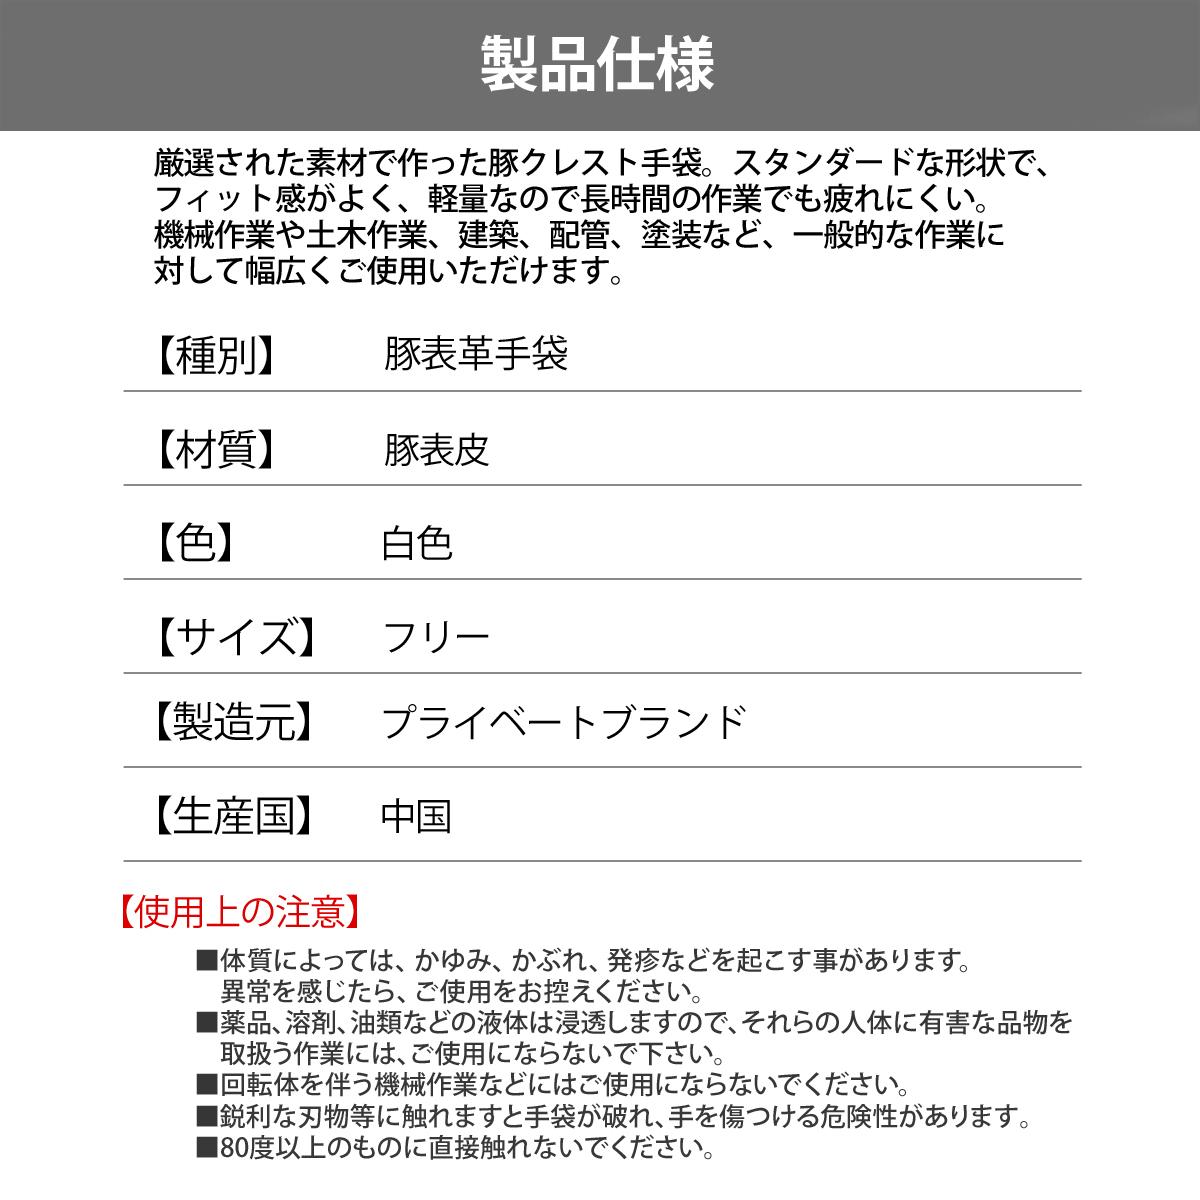 豚表革手袋 クレスト 本革 2102 (200双/ケース) 作業用手袋